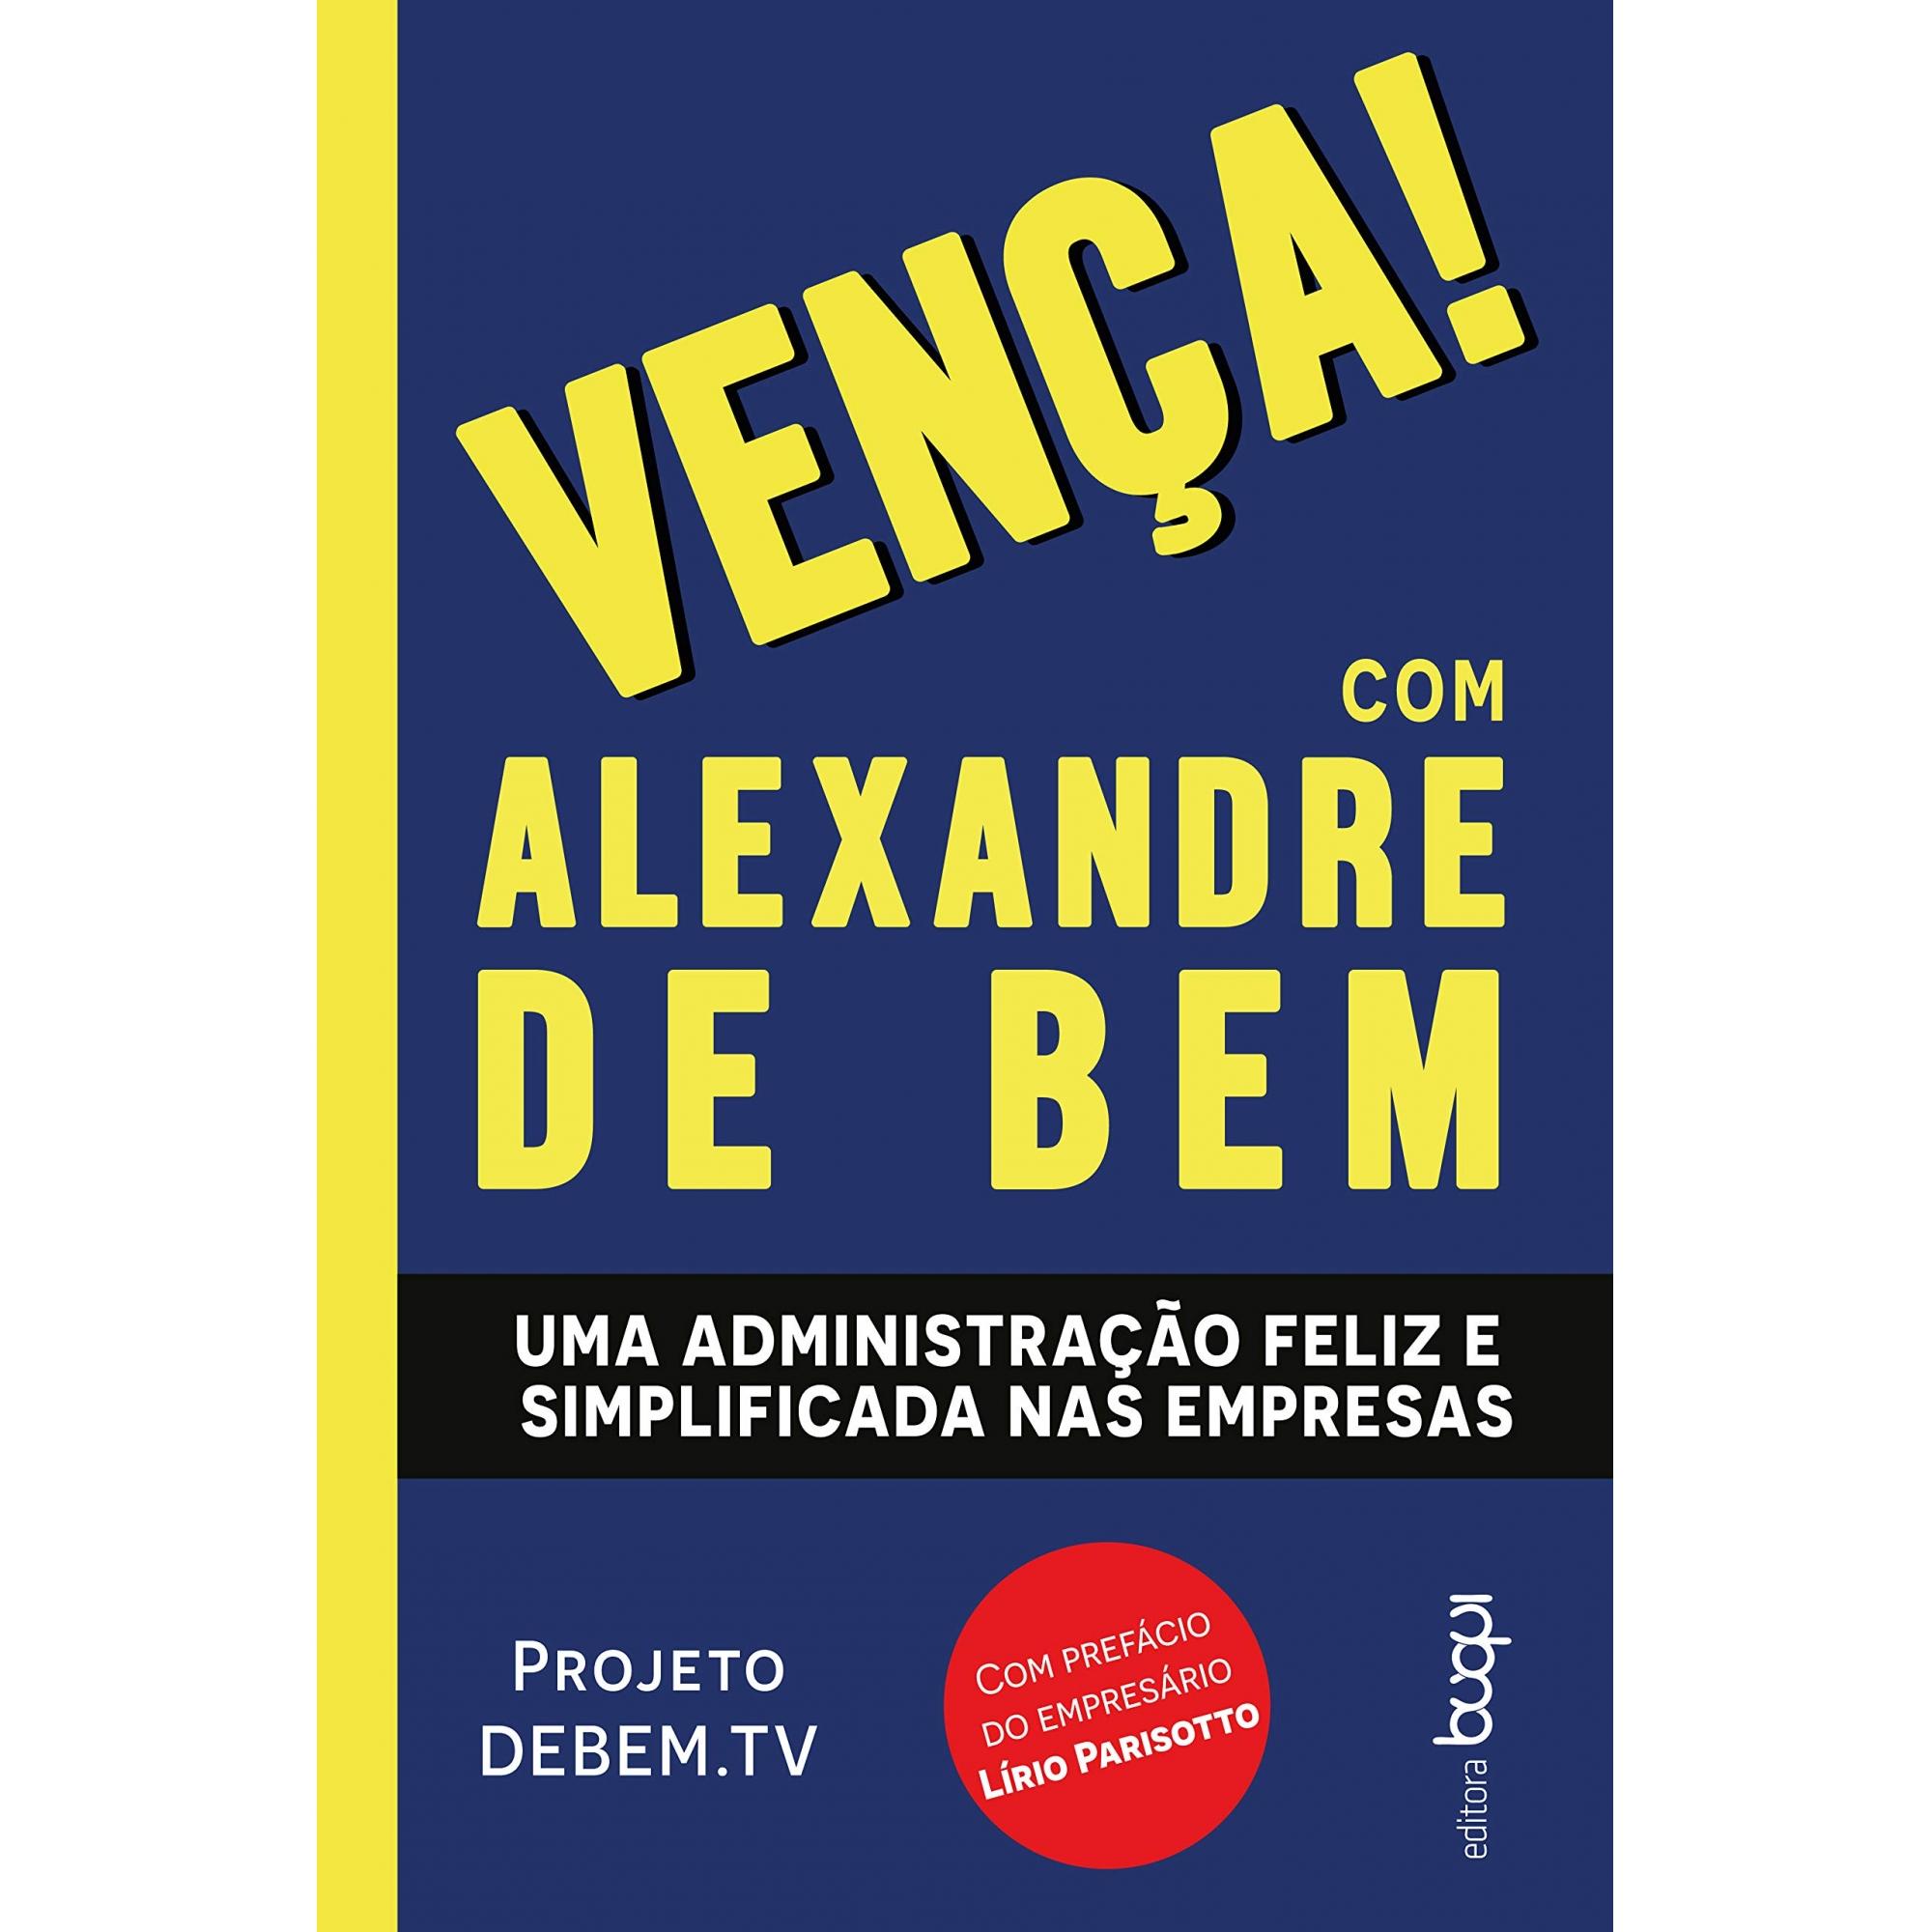 VENÇA! COM ALEXANDRE DE BEM